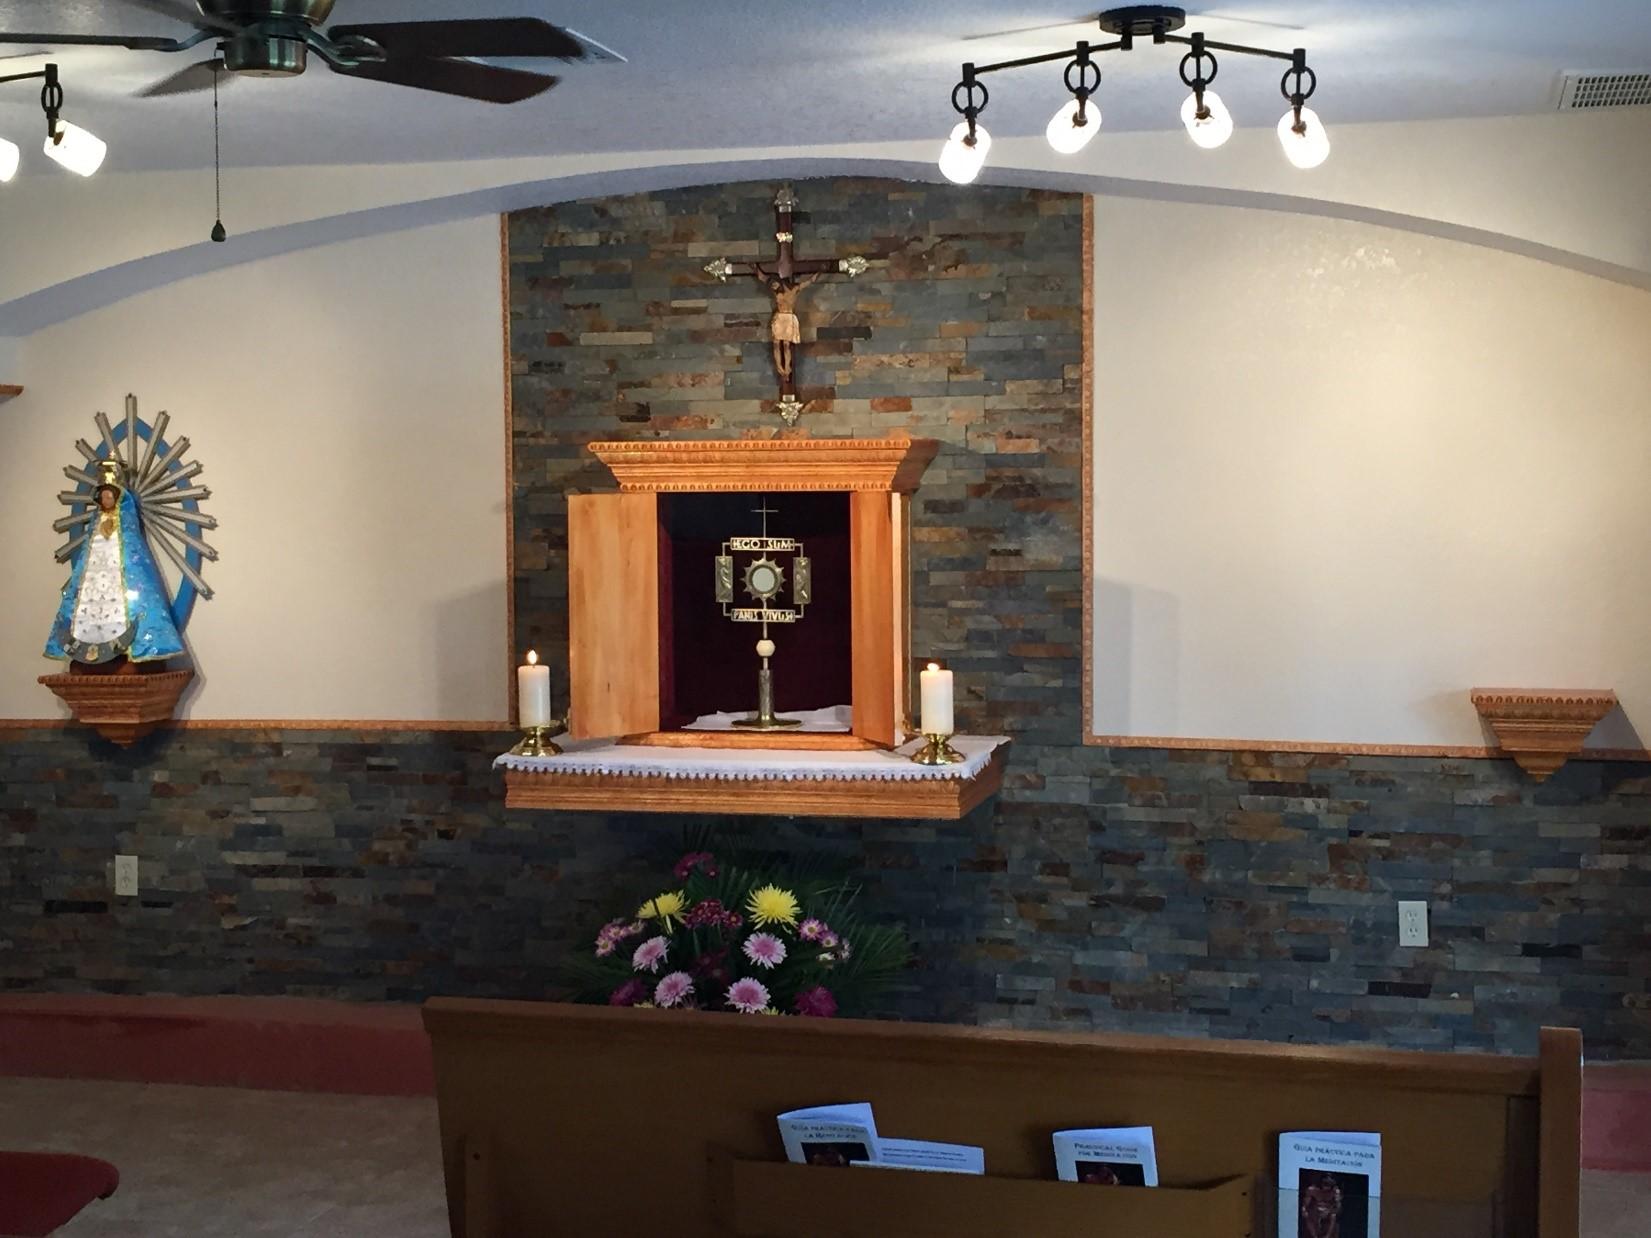 El P. Fabio Schilereff, misionero del Instituto del Verbo Encarnado IVE en Estados Unidos, cuenta sobre el inicio de una nueva capilla de adoración eucarística en la parroquia San Miguel Arcángel en Wauchula, Florida